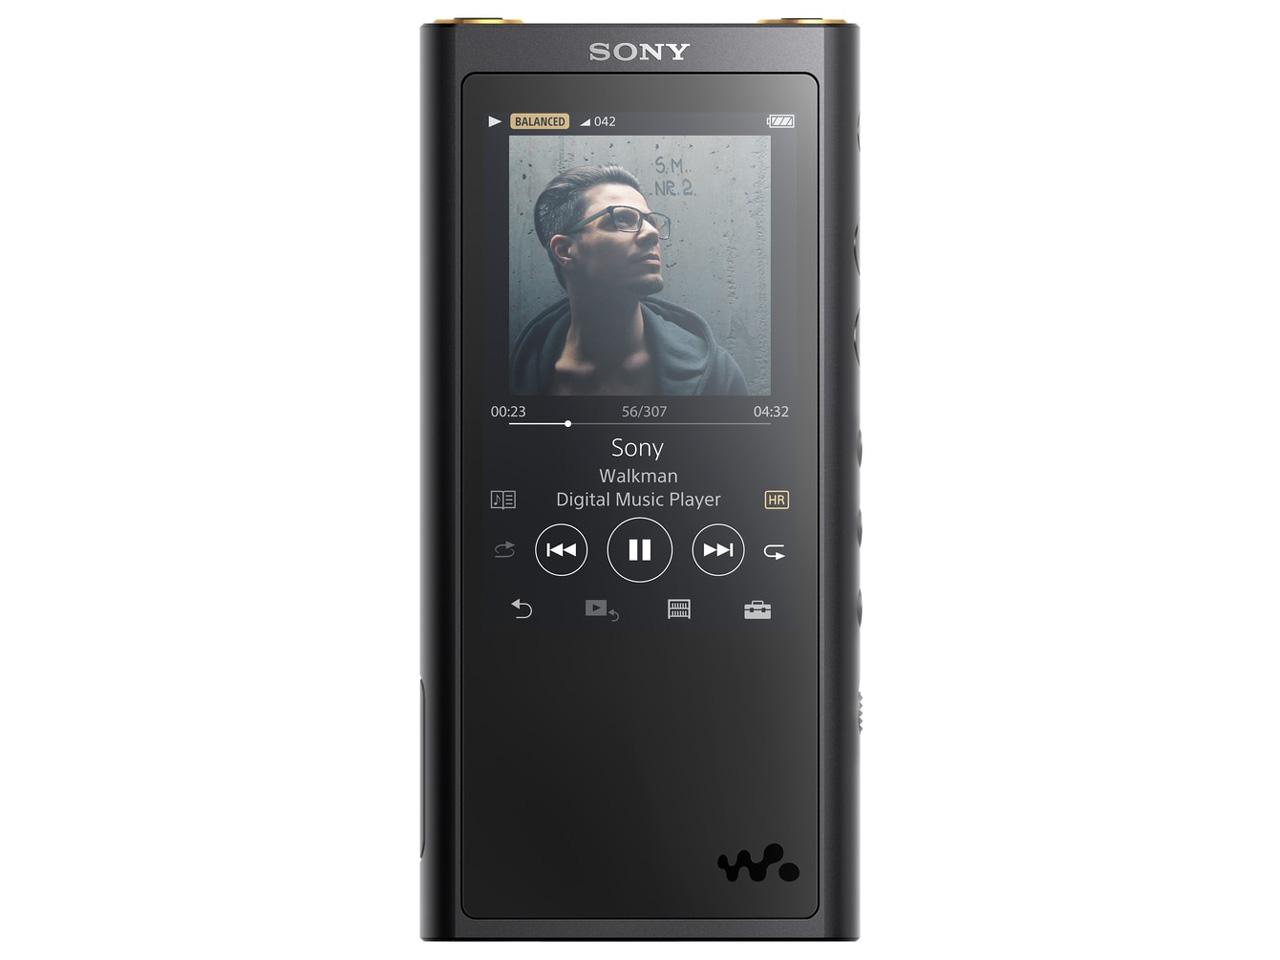 SONY(ソニー) NW-ZX300 [ブラック][64GB] MP3プレーヤー/